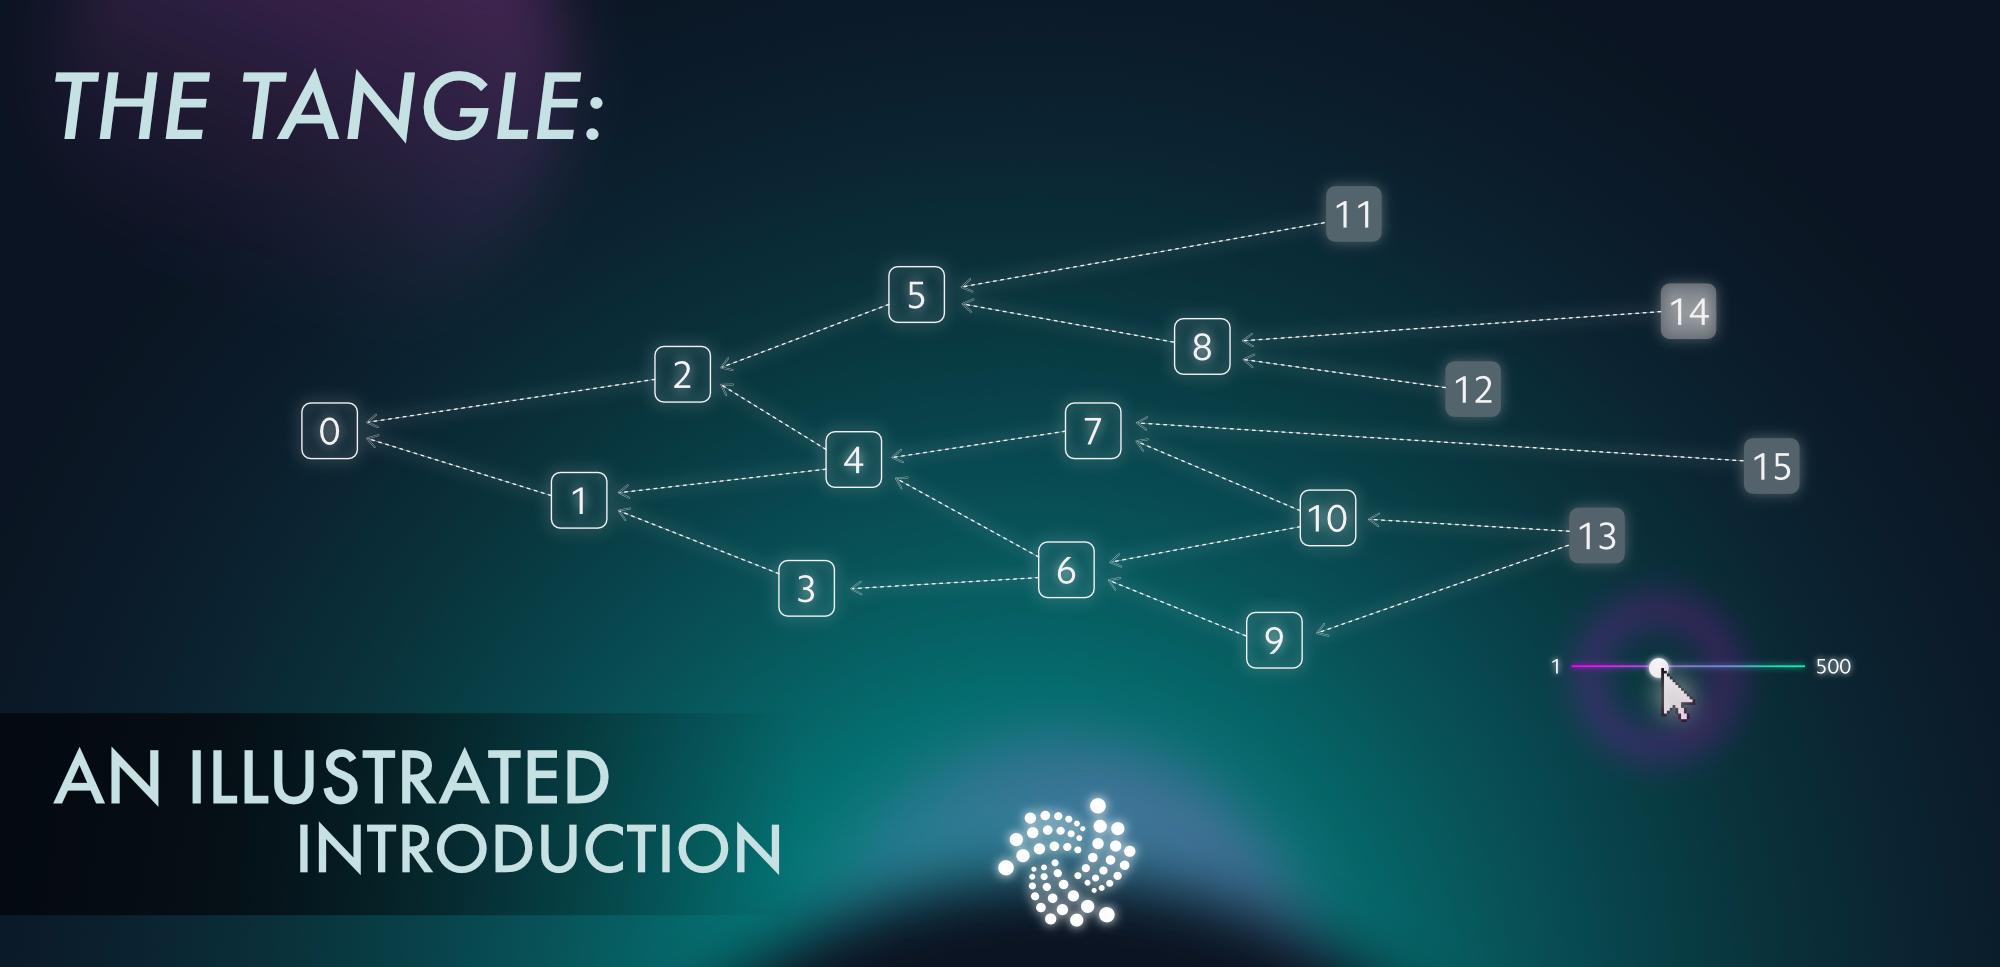 Tangle là gì